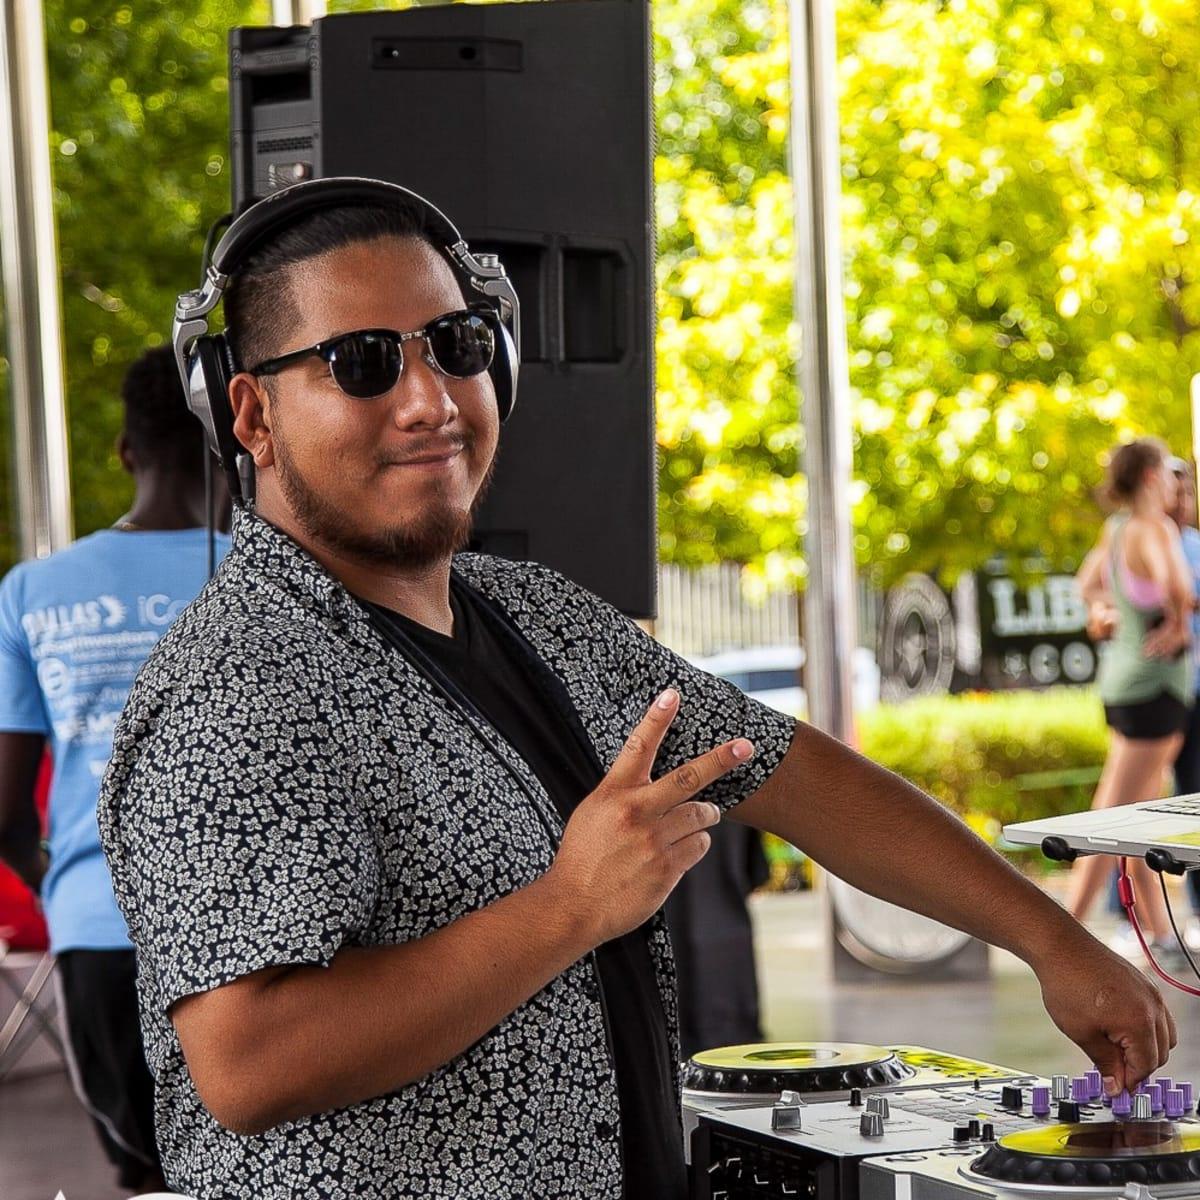 DJ JC, STEM in the park